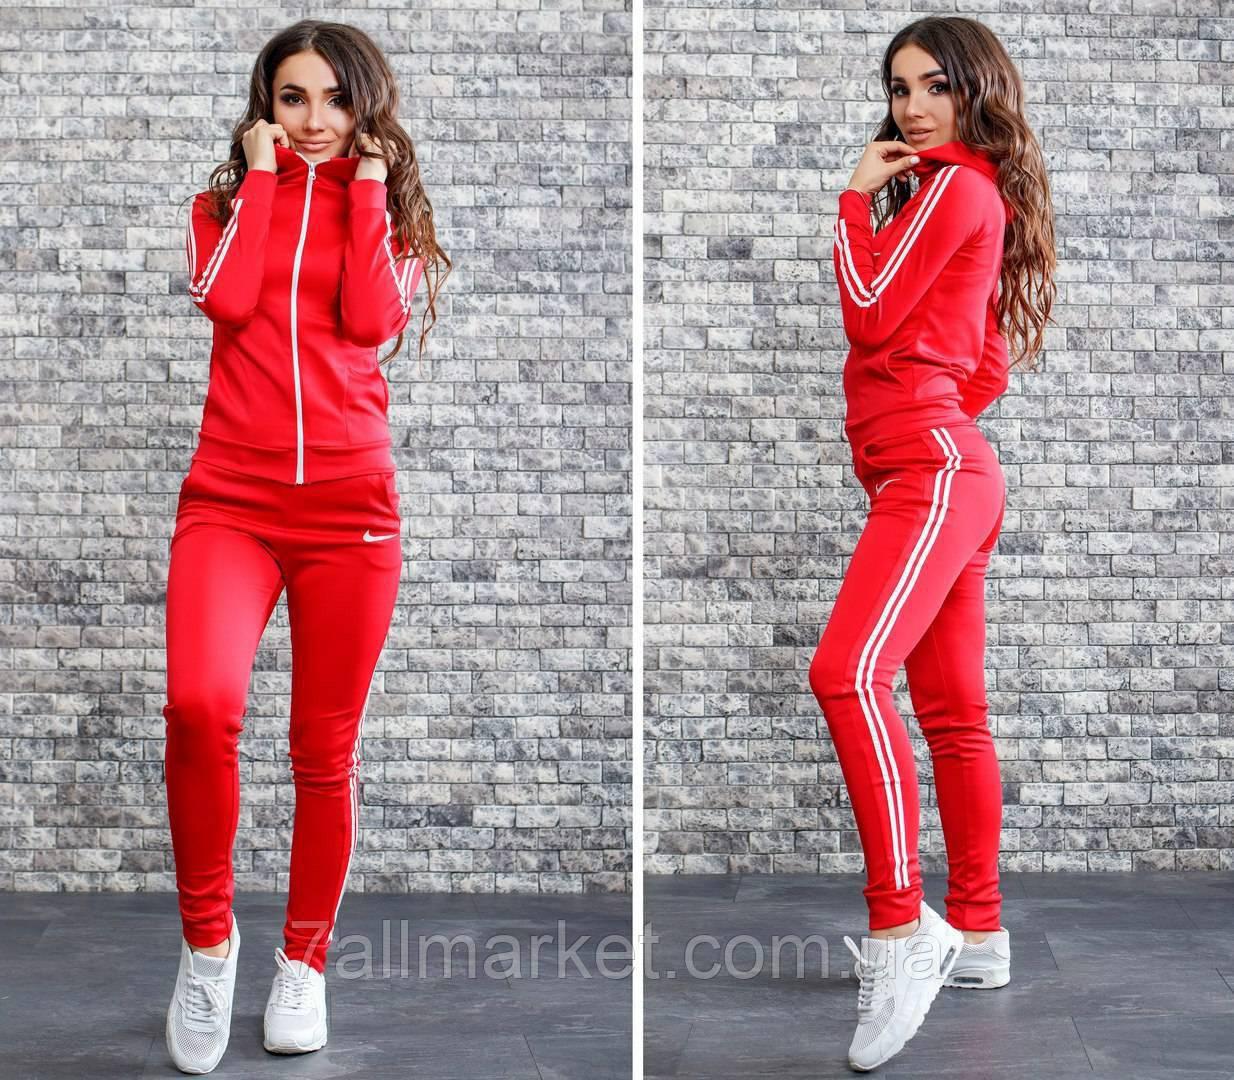 c39a824a Спортивный костюм женский NIKE, размеры 42-48 (4 цвета) Серии